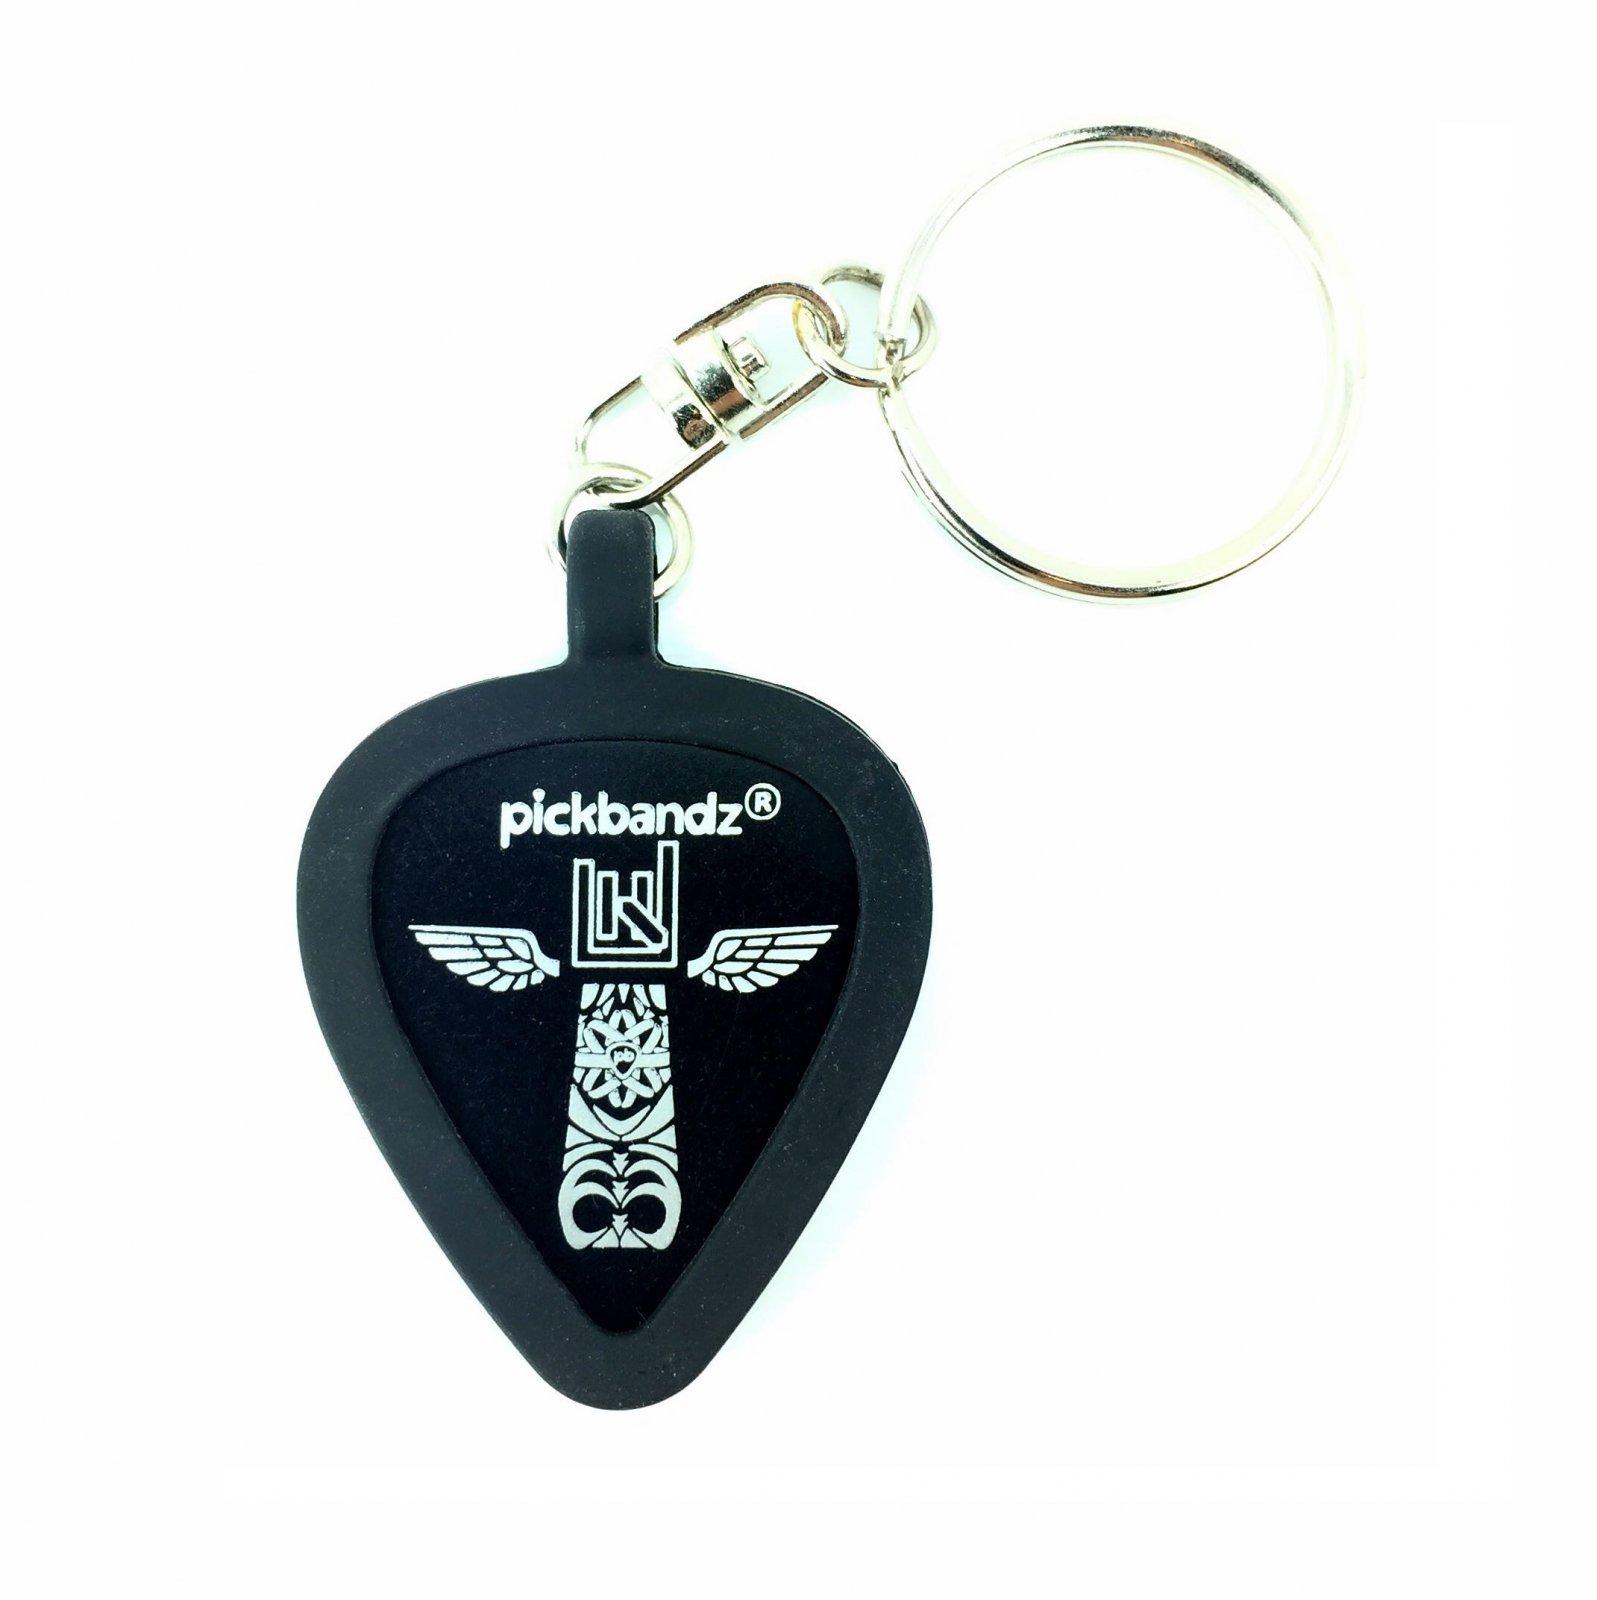 Pickbandz Epic Black Keychain